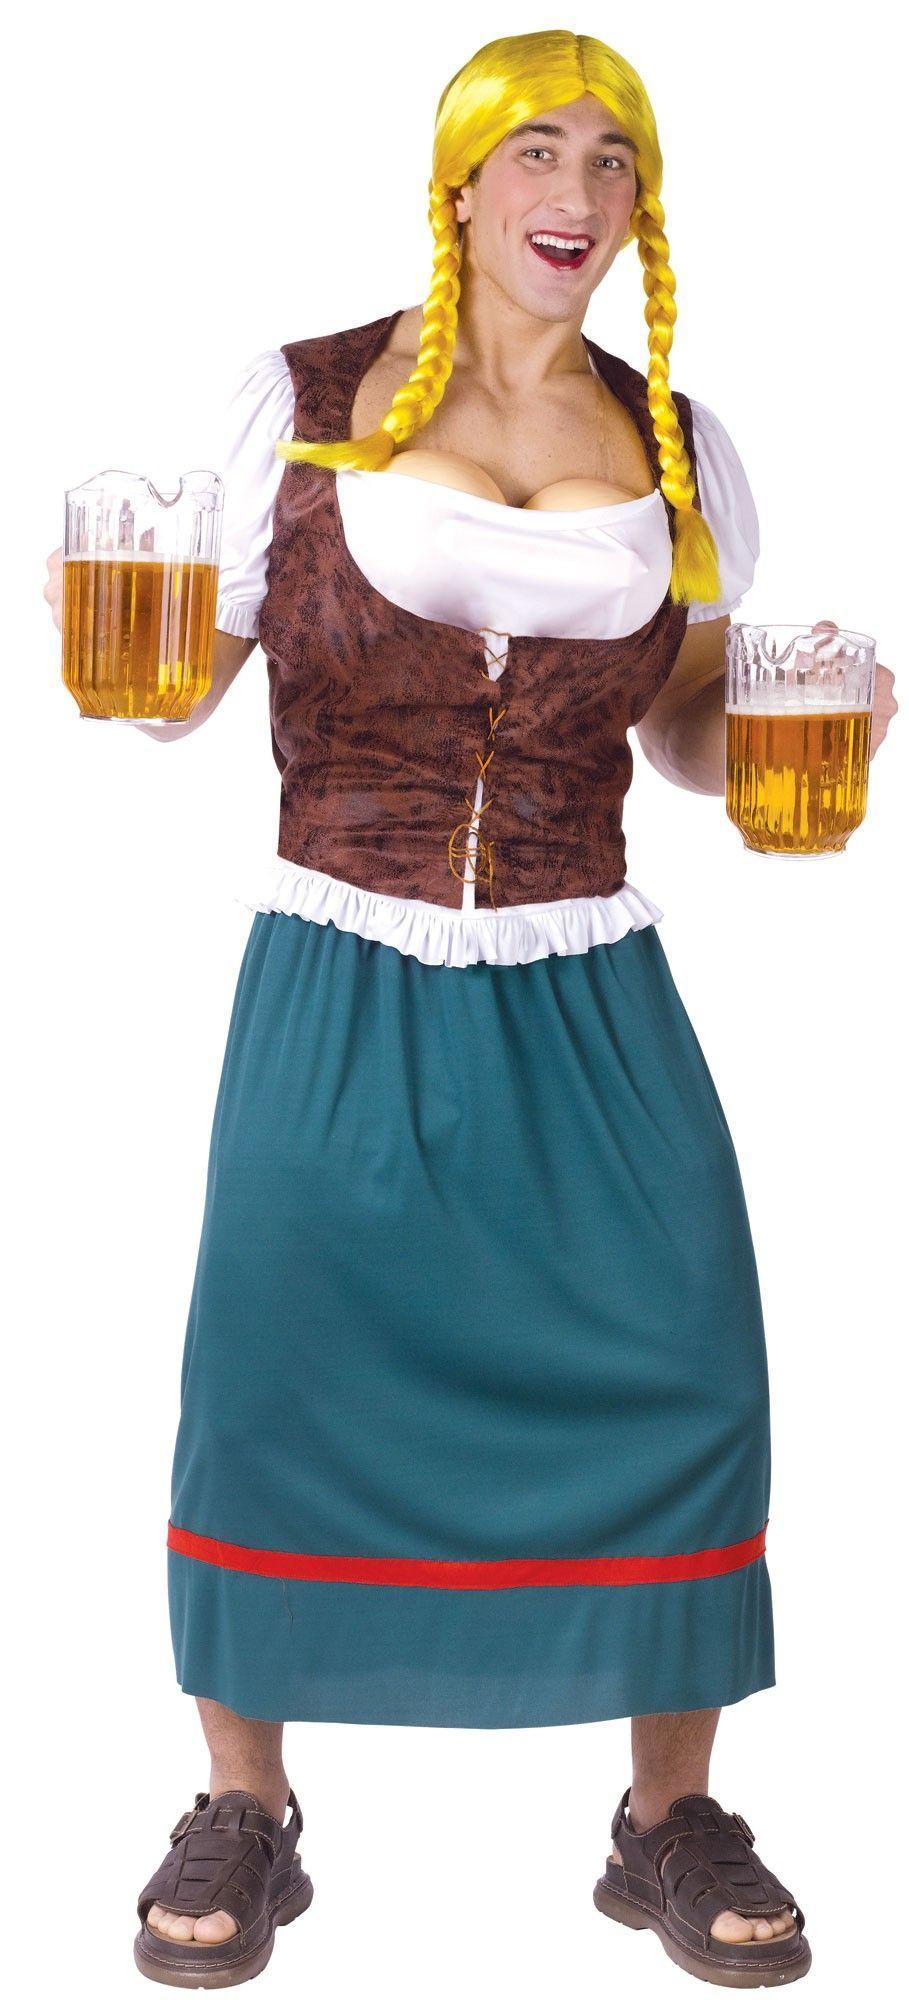 Мужской костюм Баварской красотки (56) - Официантки и повара, р.56